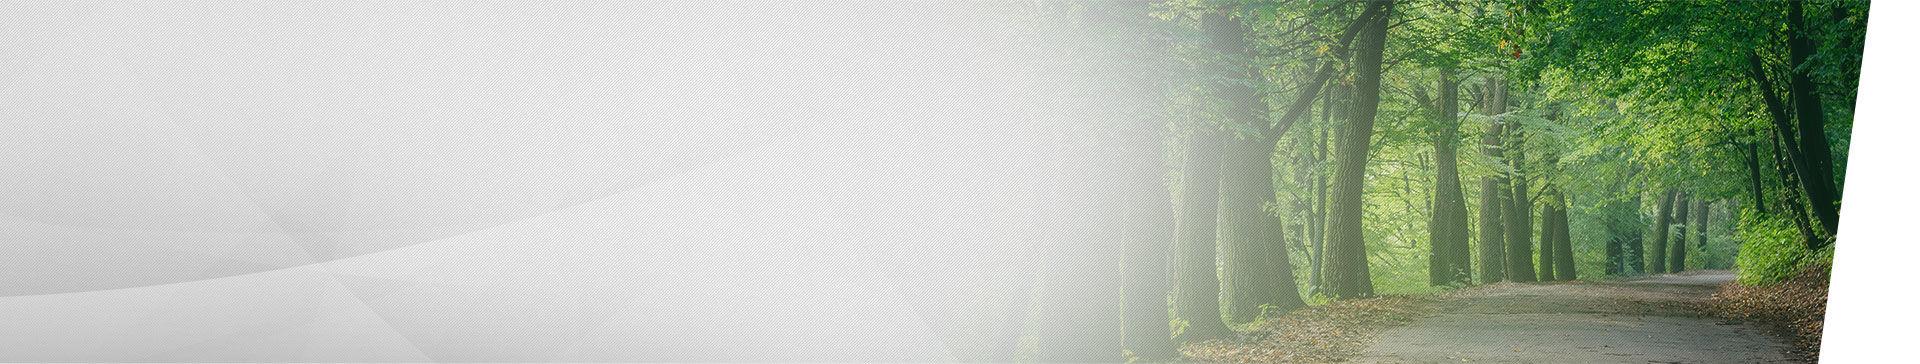 Corolla  2019 | Image d'arrière plan